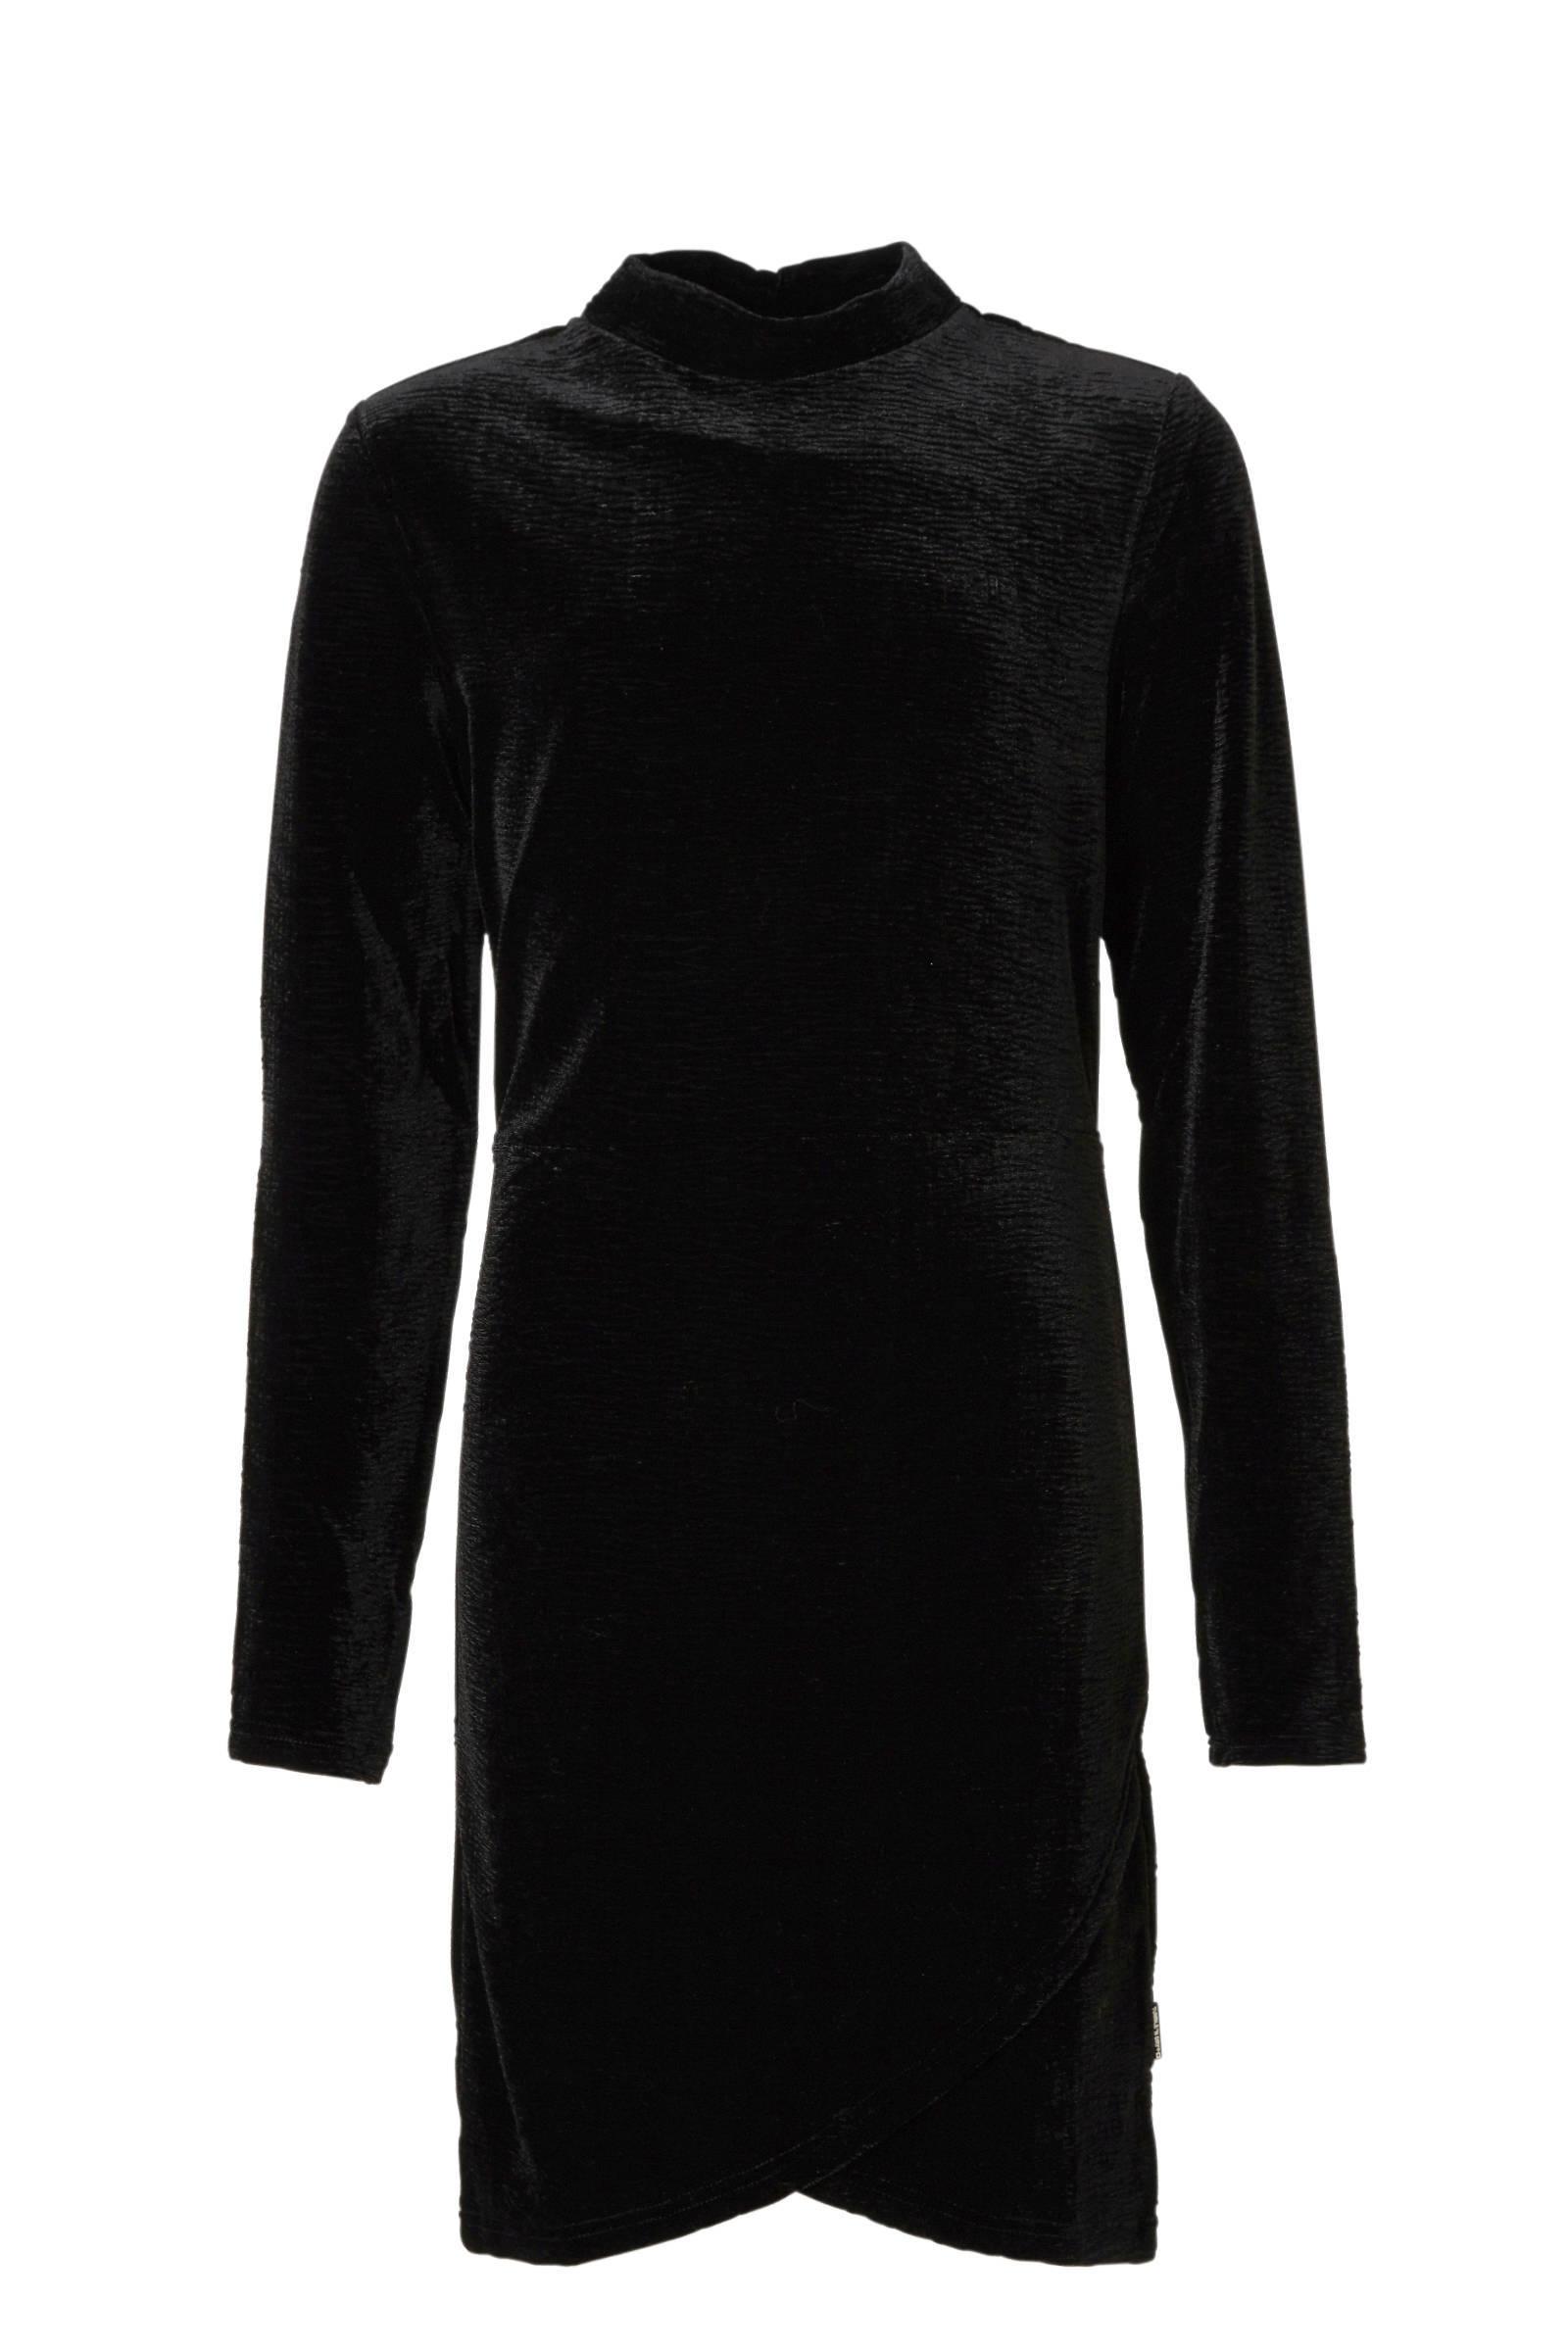 Tumble 'n Dry Hi jurk Winterrose van fluweel